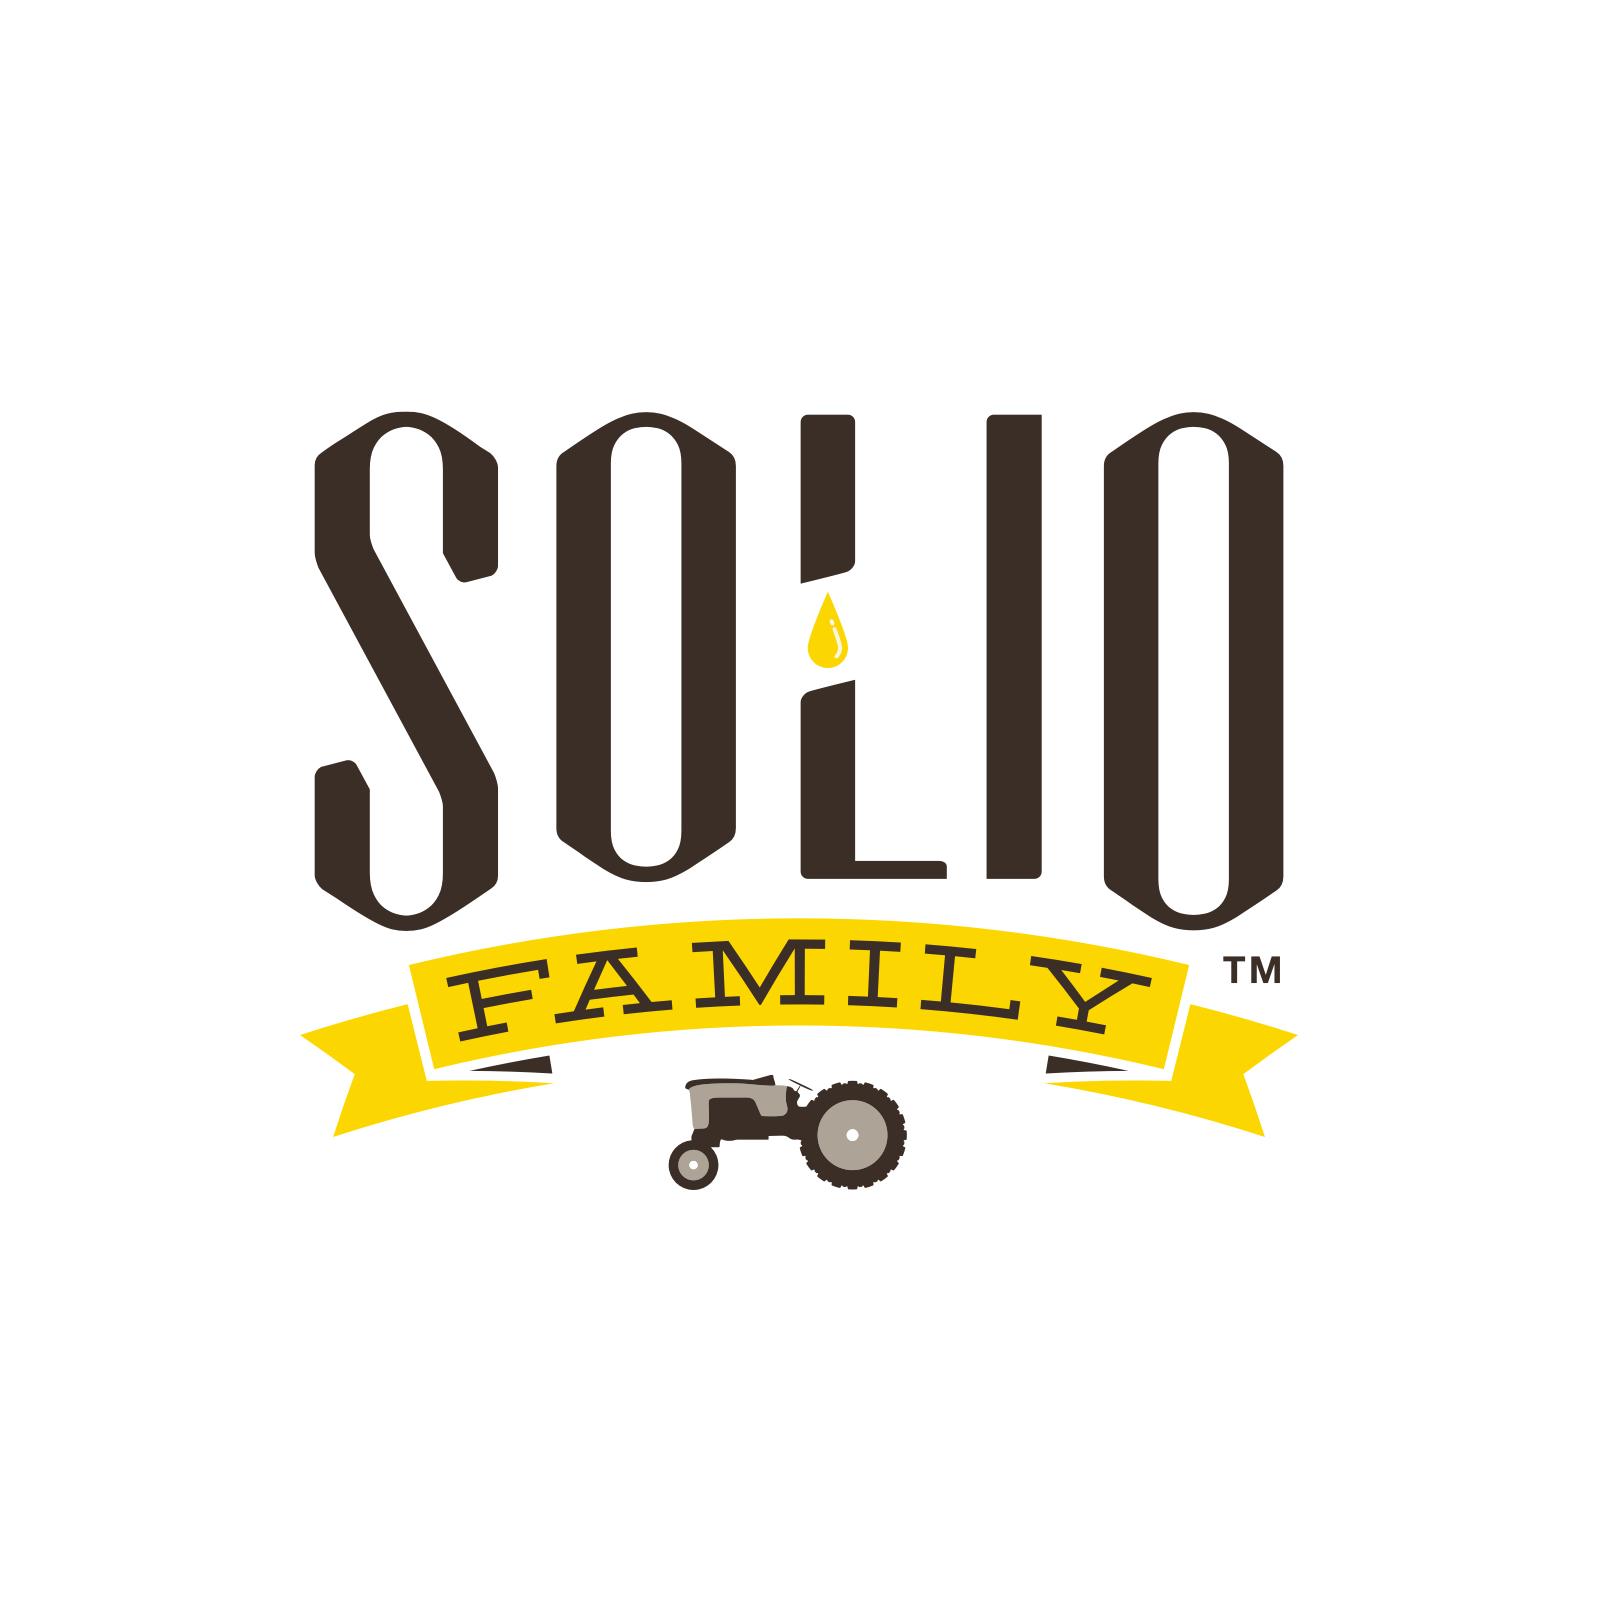 logo1 copy 55@2x.jpg